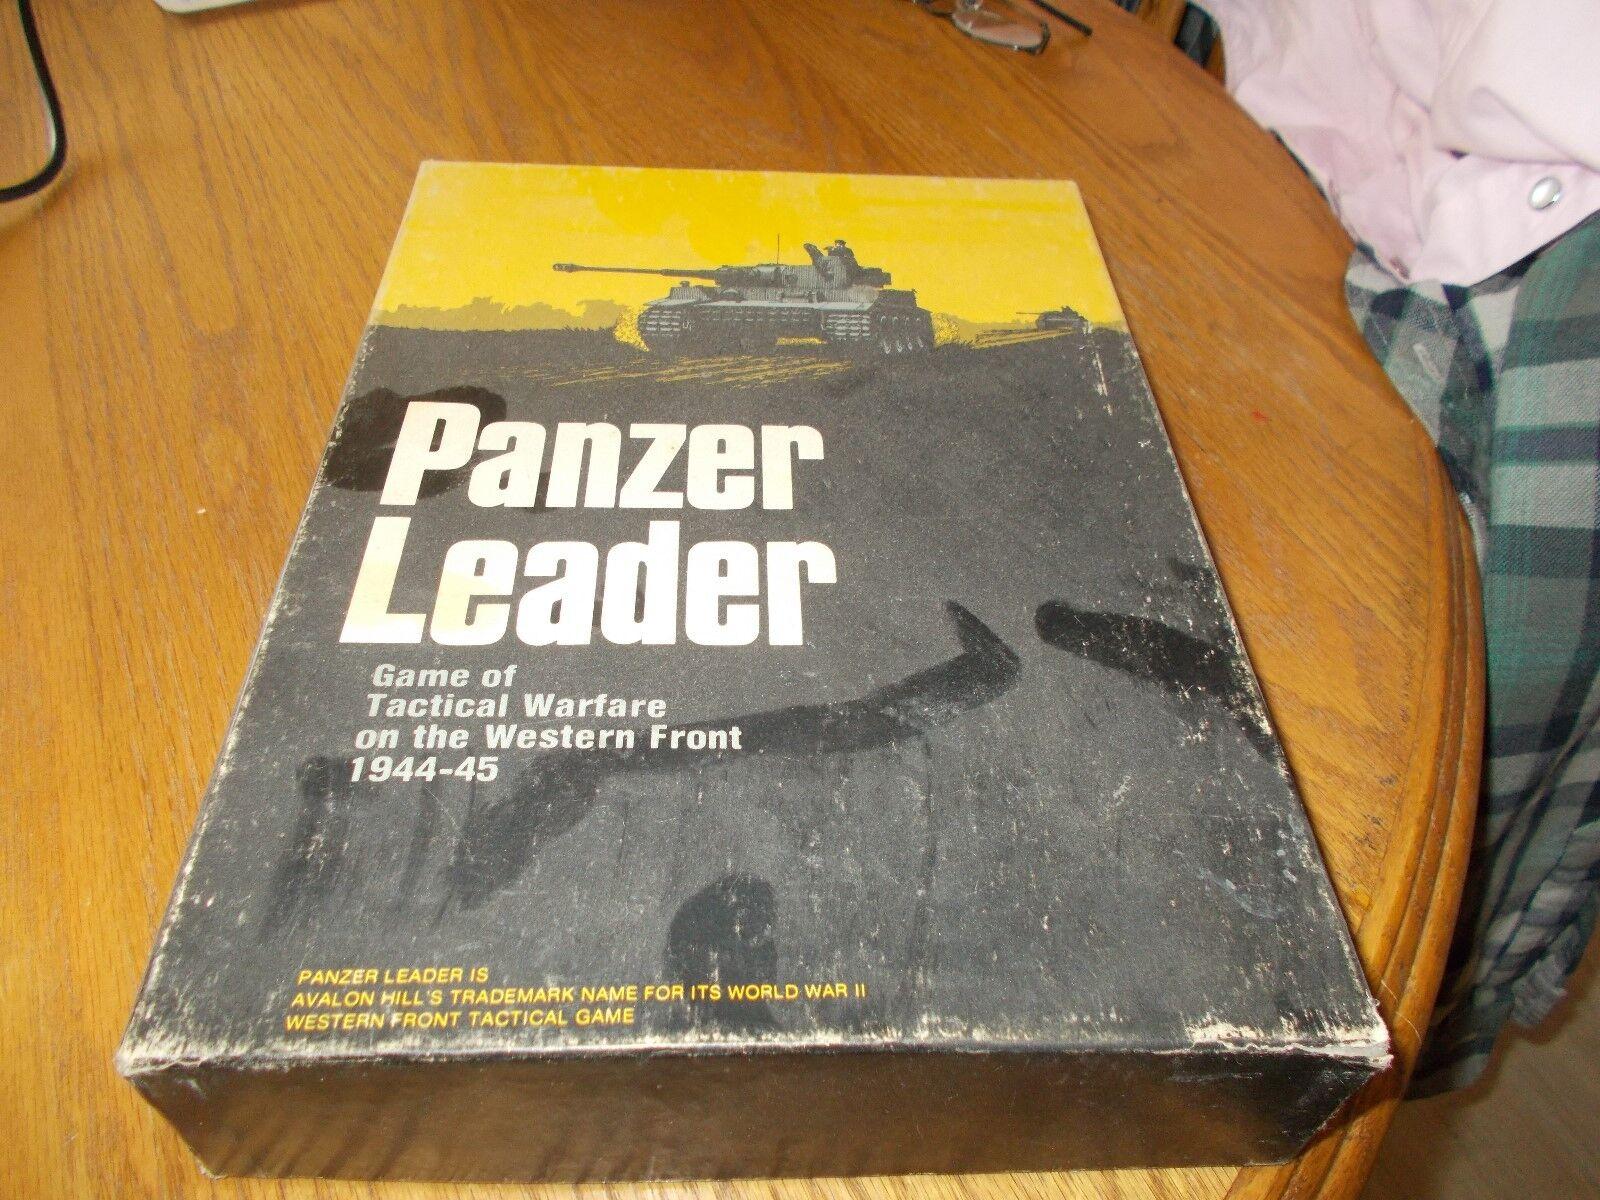 PANZER LEADER gioco OF TACTICAL WARFARE ON  THE WESTERN davanti 1944-45 libroCASE GAM  moda classica